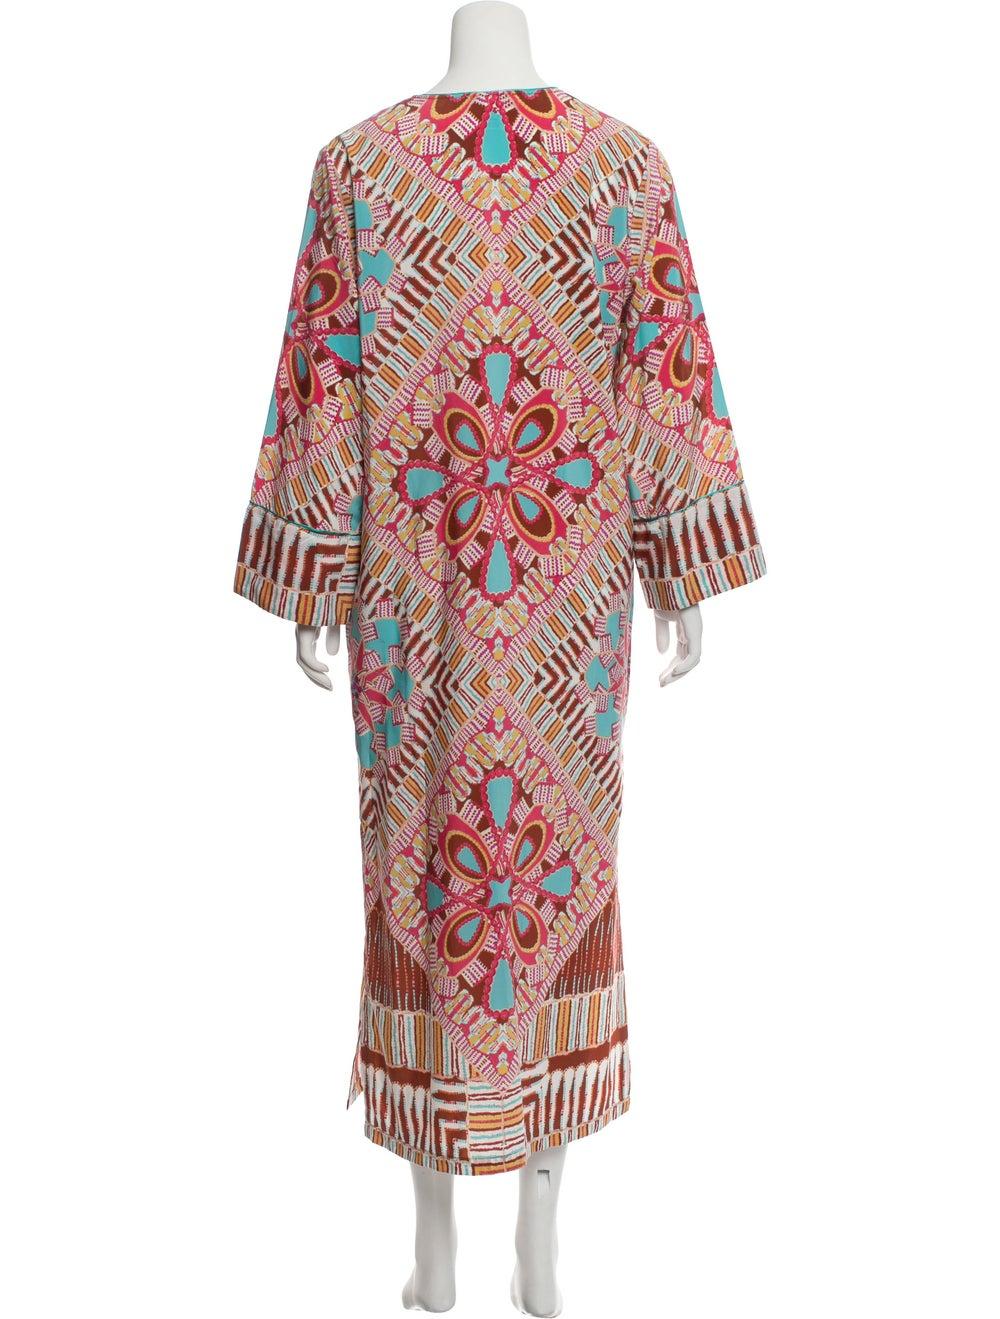 Oscar de la Renta Printed Maxi Dress multicolor - image 3